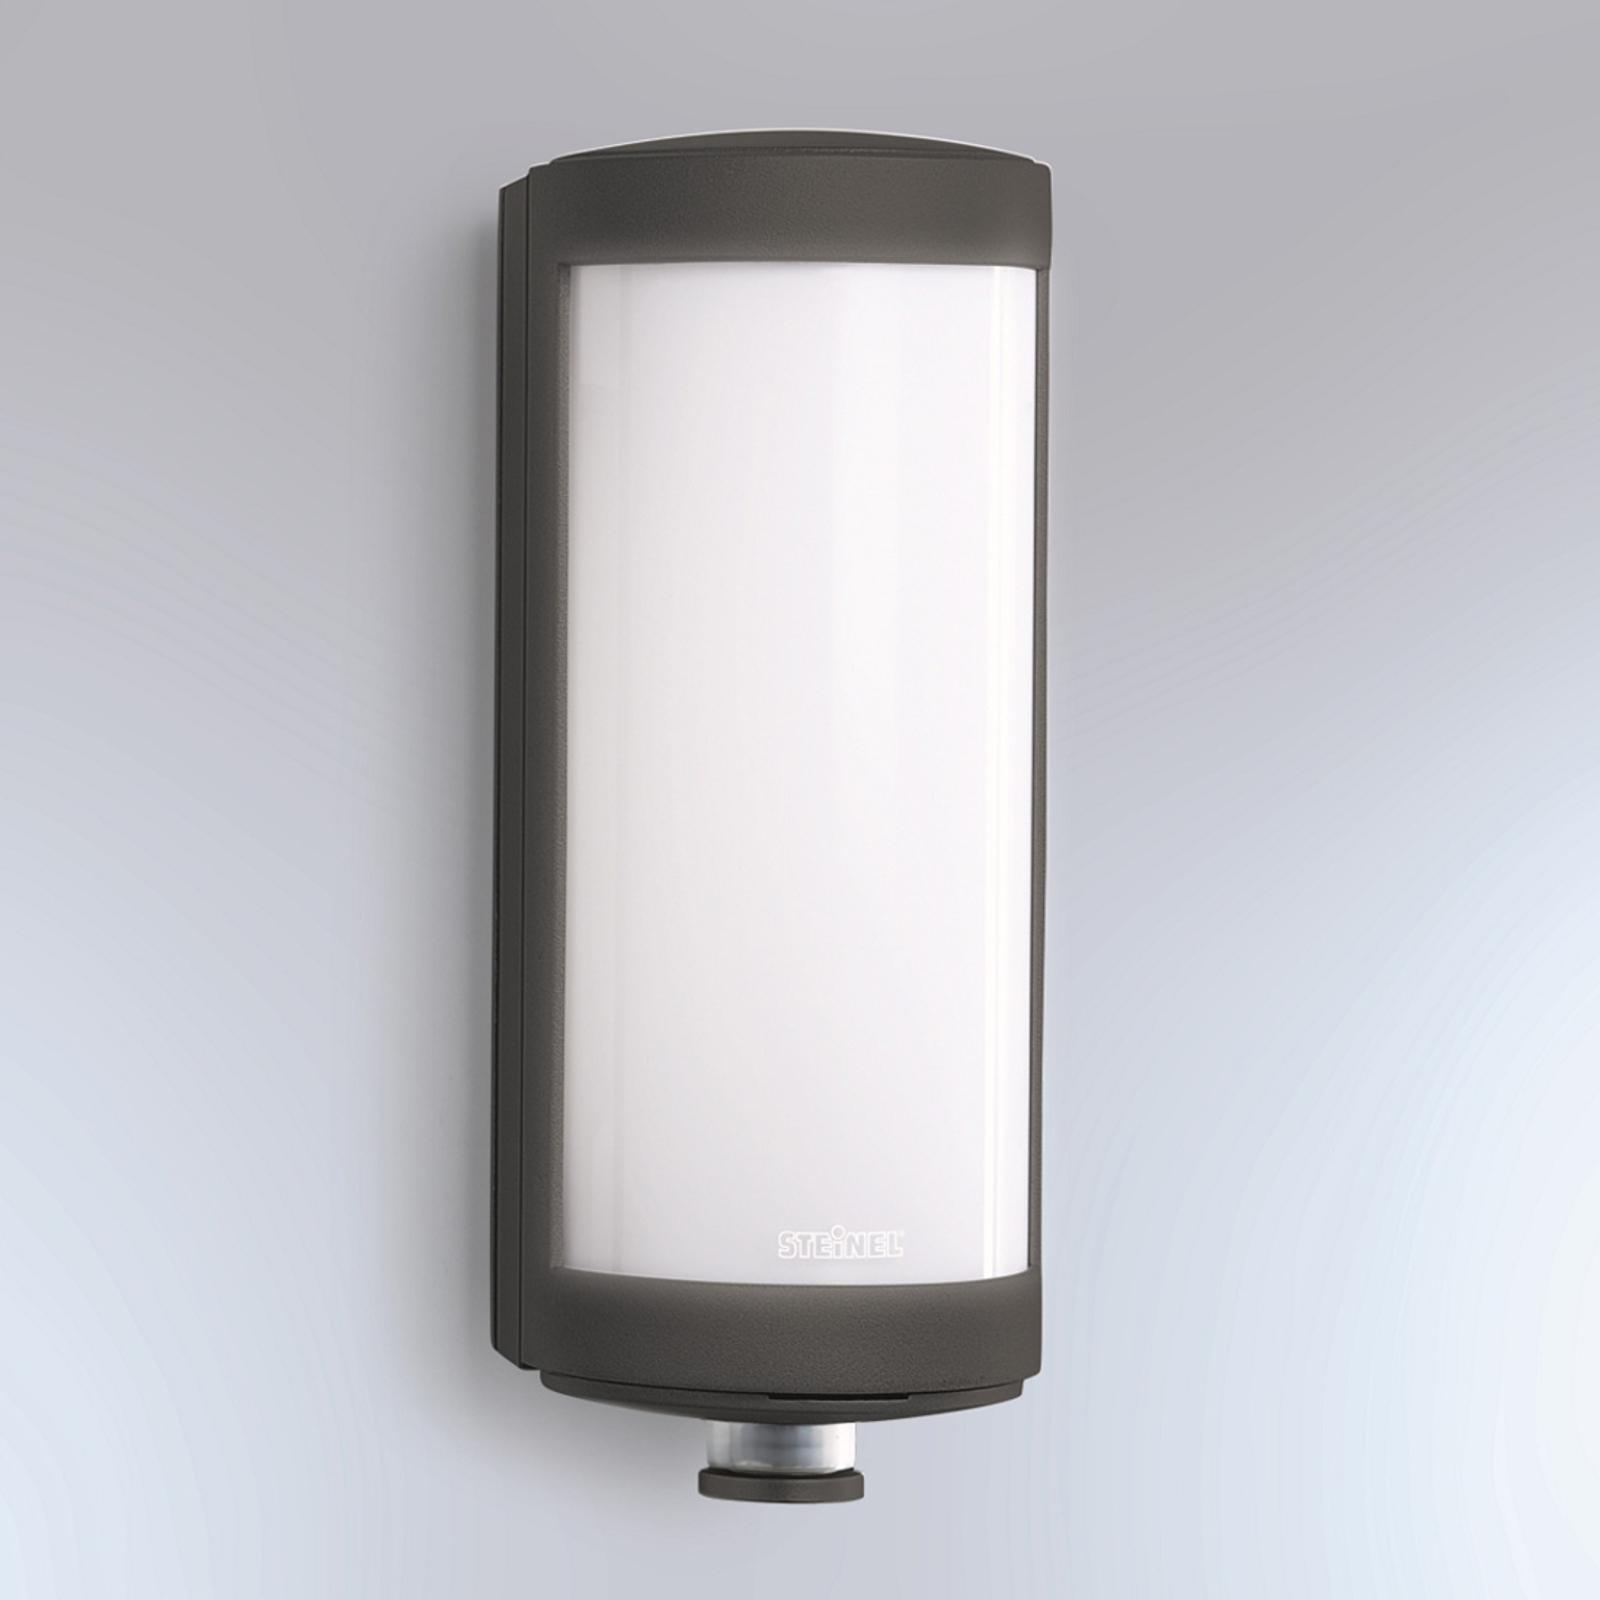 STEINEL L 626 kinkiet zewnętrzny LED antracyt 360°